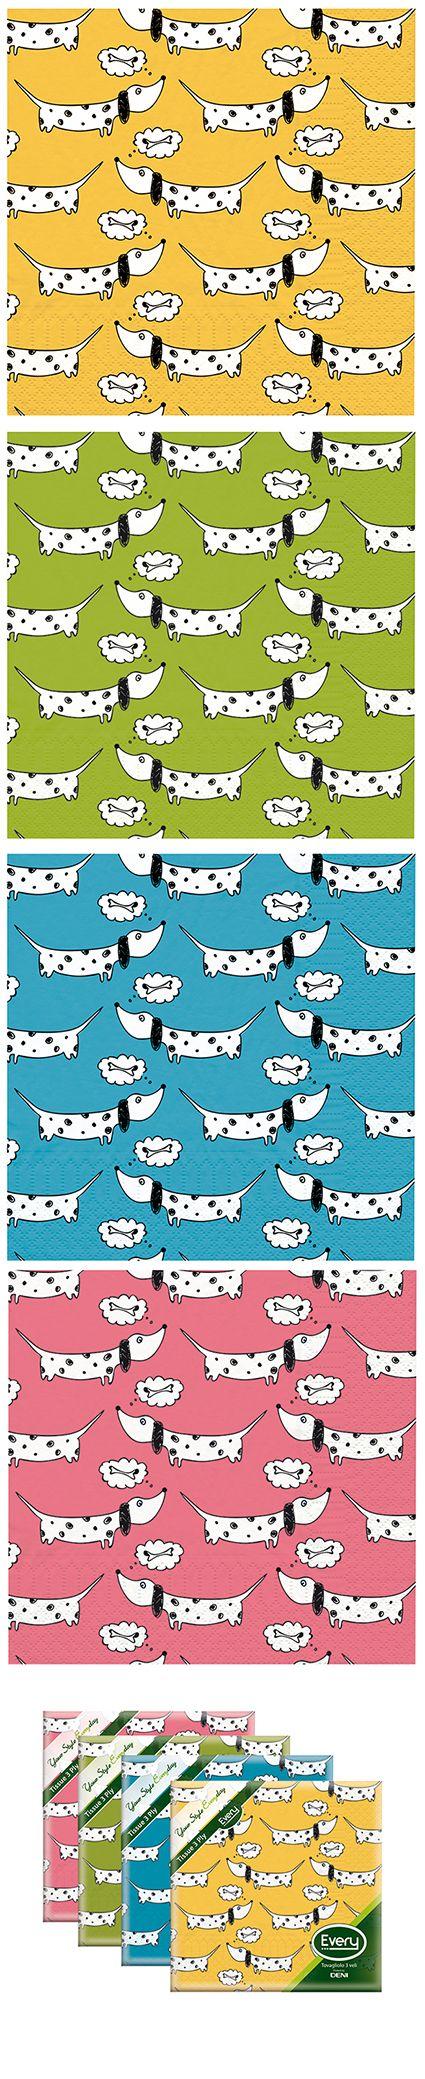 Pattern divertente lo puoi trovare nel comodo tovagliolo su carta tradizionale.www.deni.it